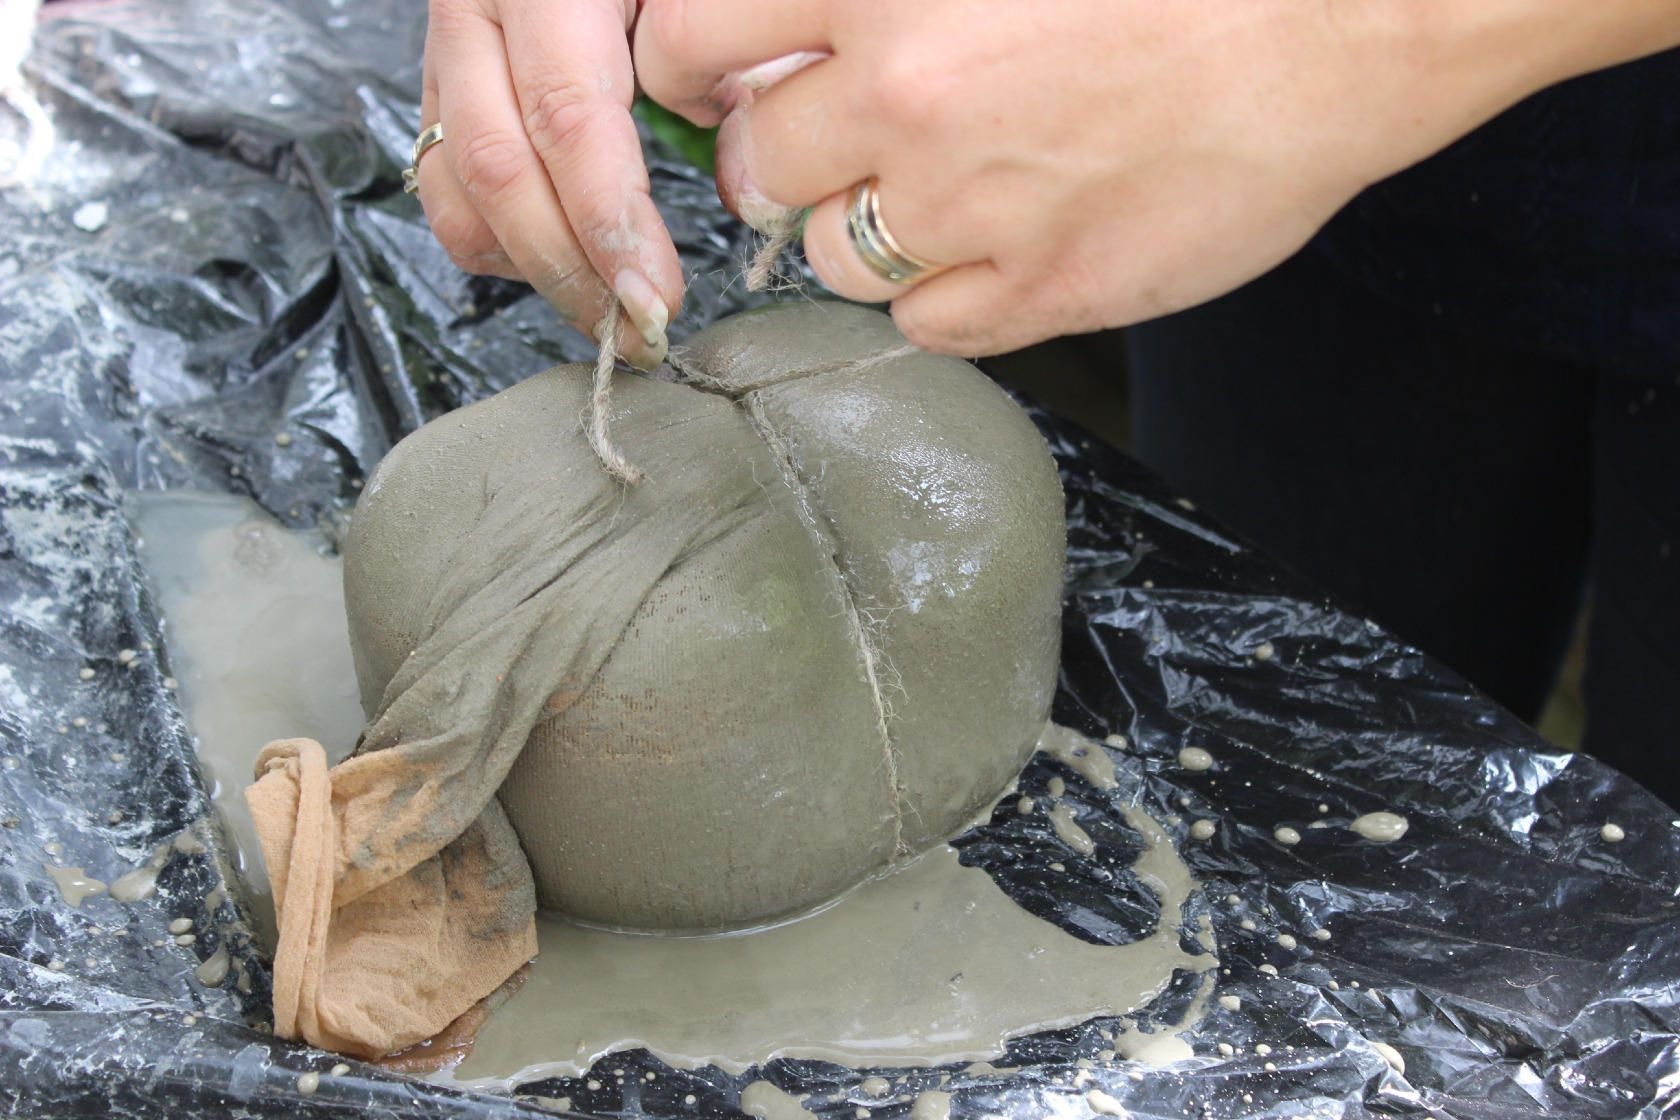 Глина с бетоном когда добавляют жидкое стекло в цементный раствор